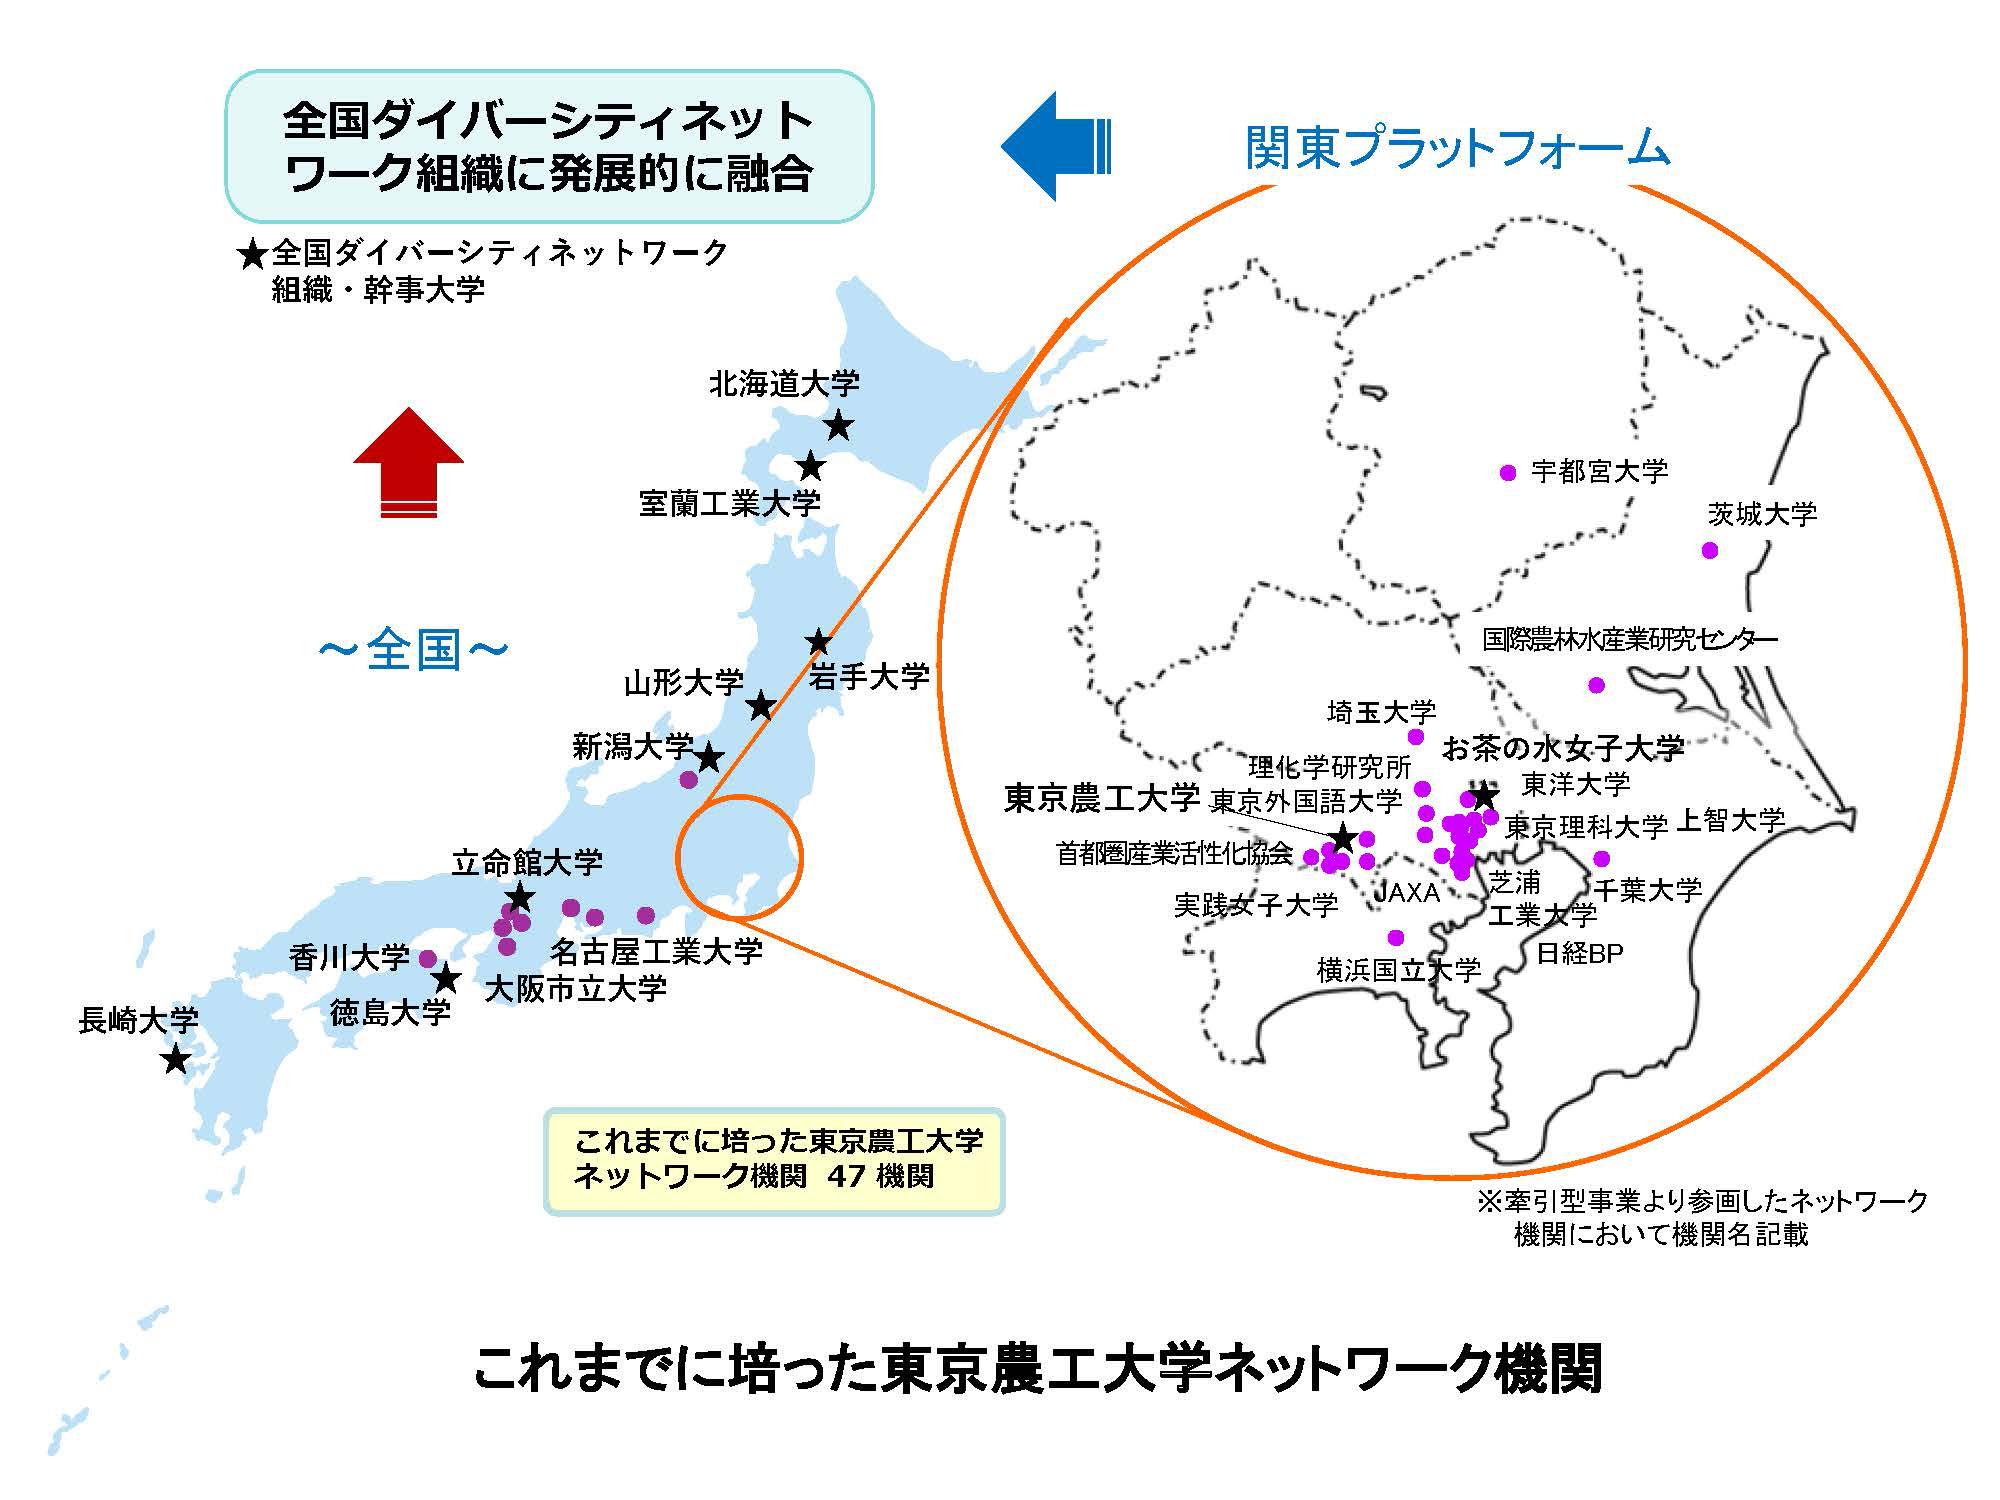 これまでに培った東京農工大学ネットワーク機関